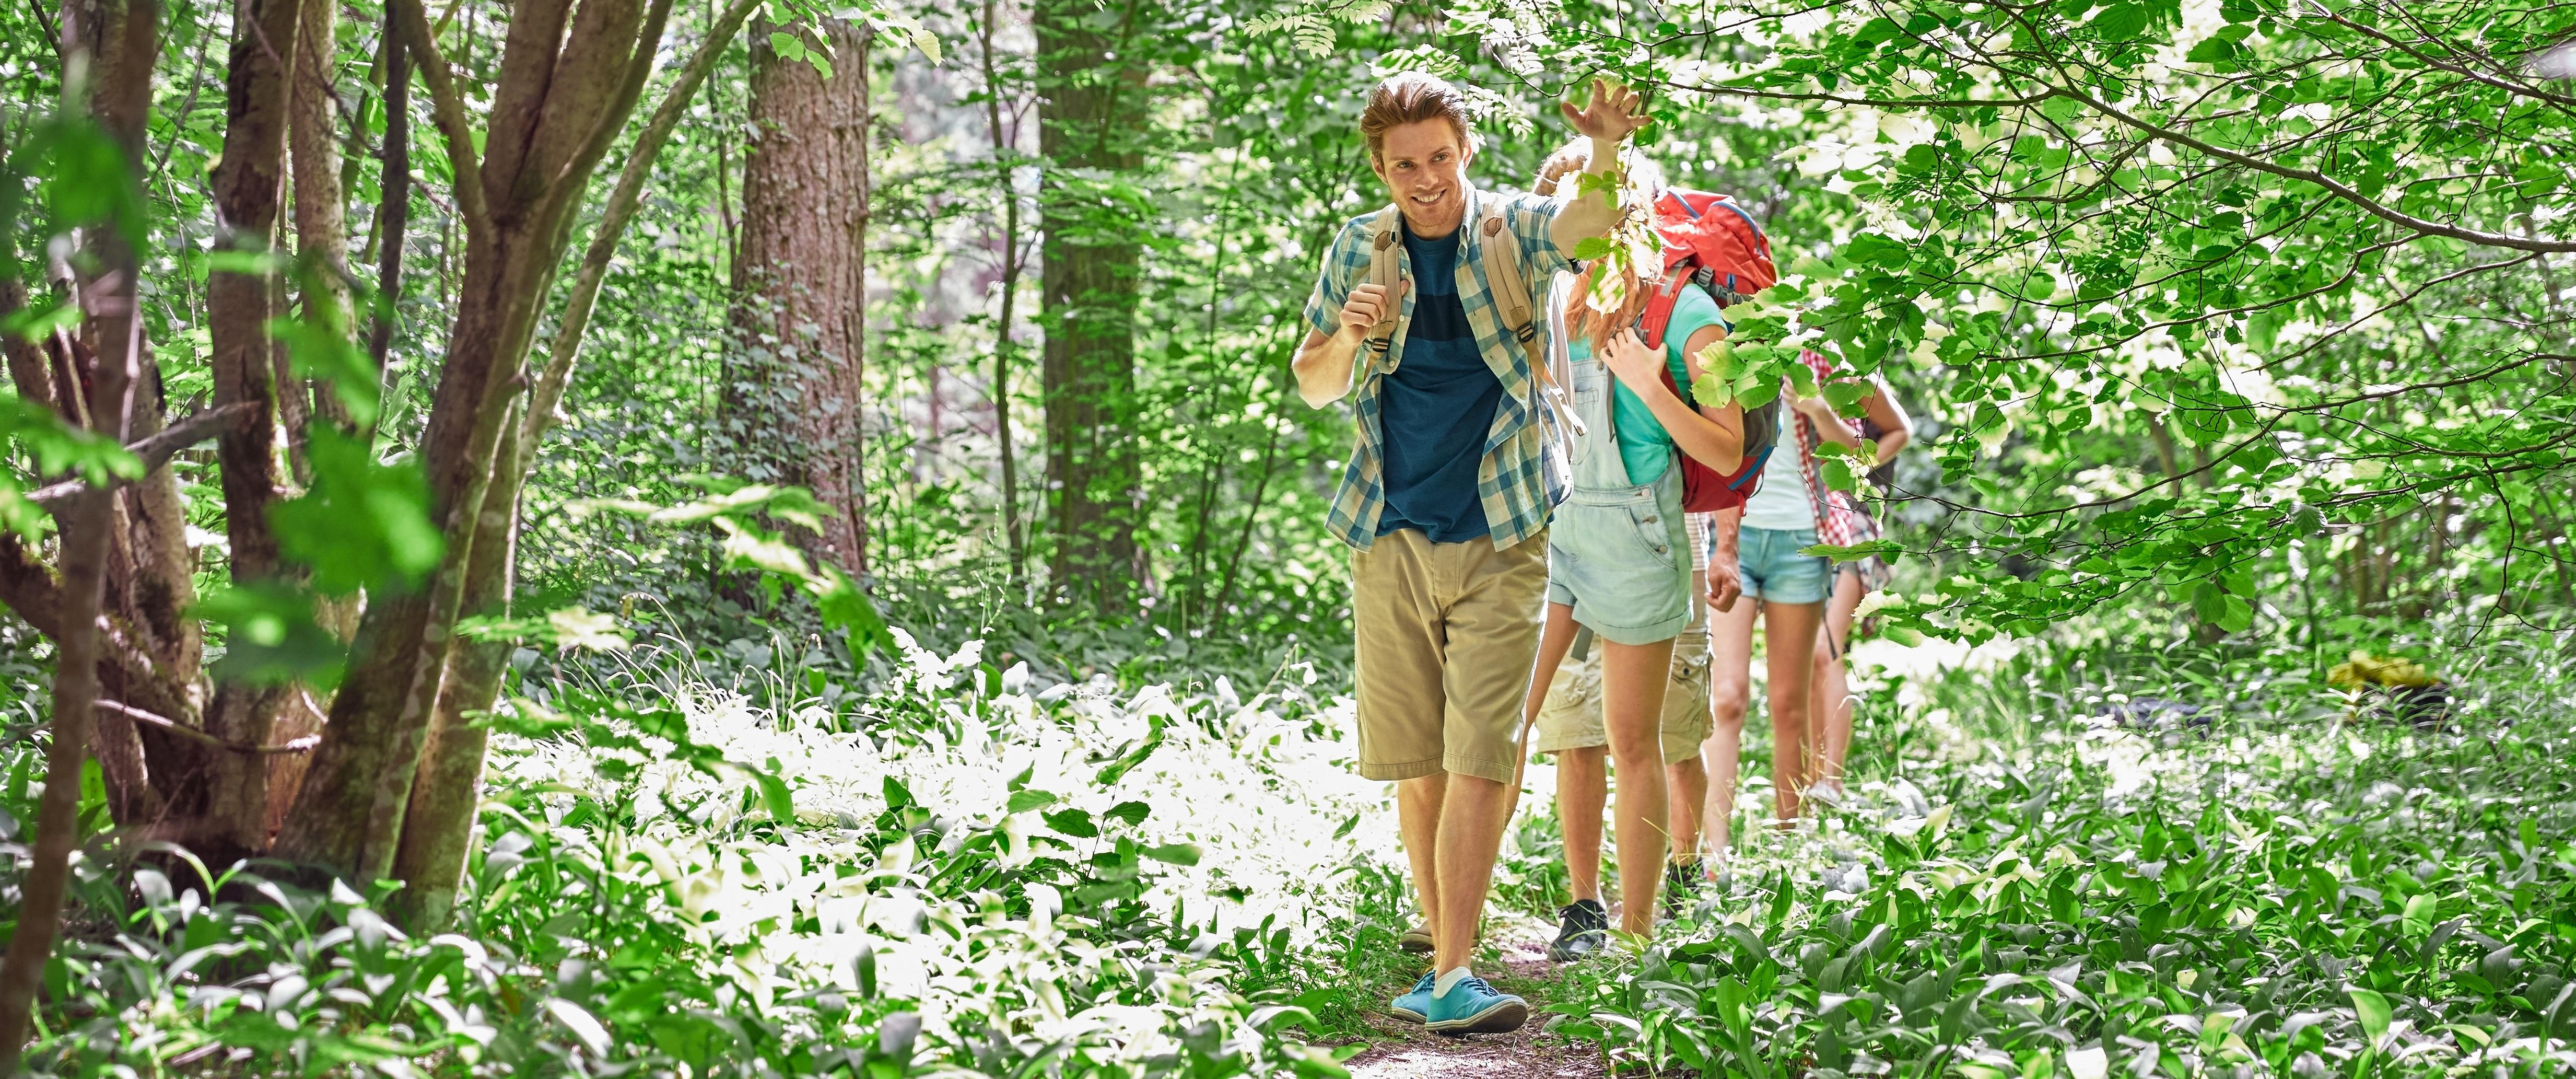 Onze bezoekerscentra zijn de ideale uitvalsbasis voor een ontspannende wandeling